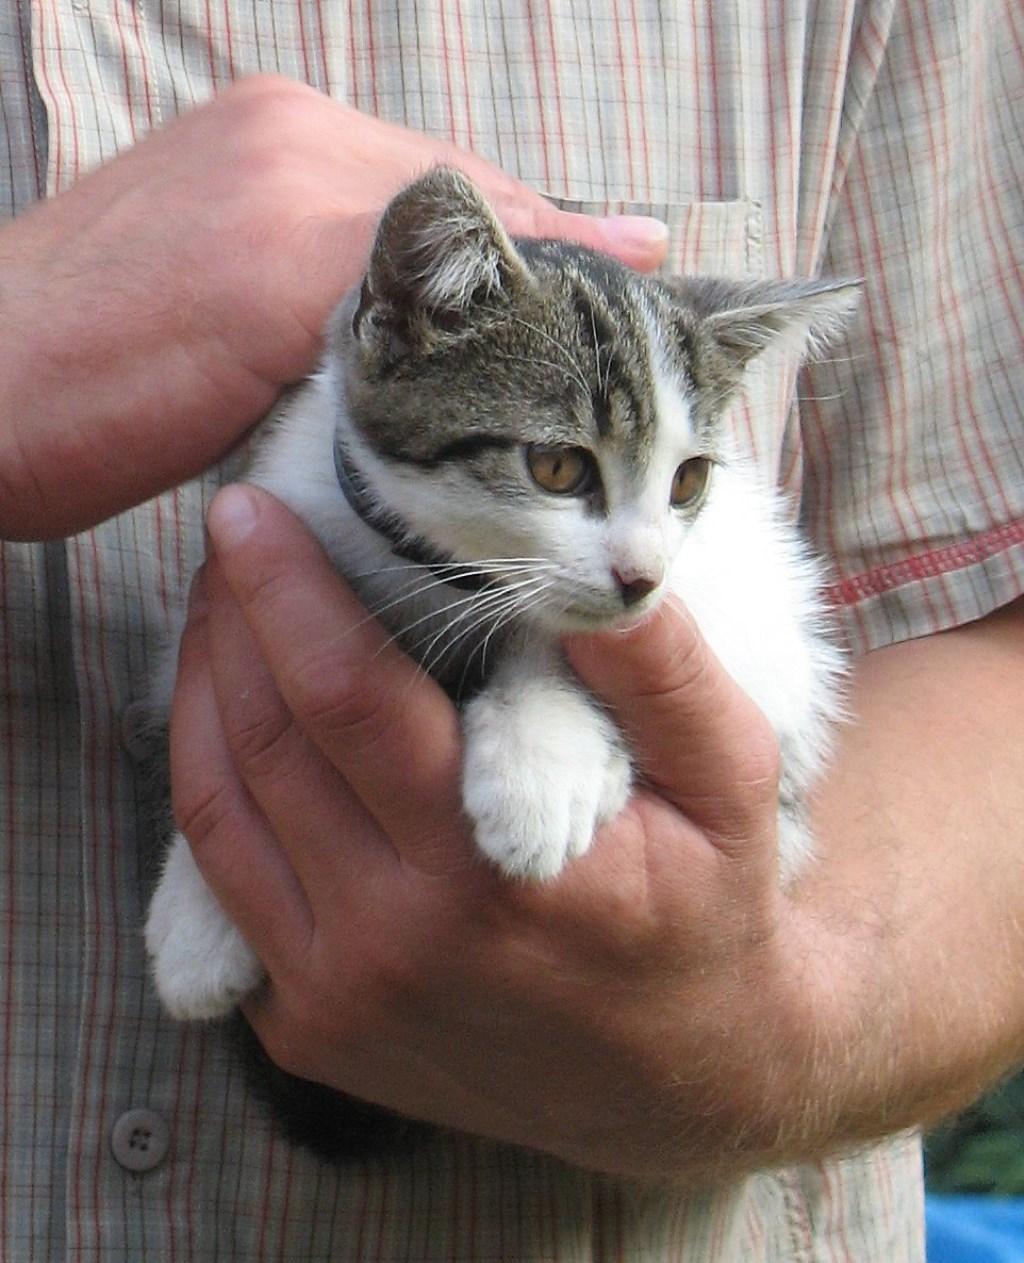 De dier-sociaal medewerker schiet te hulp bij de verzorging van huisdieren. Foto: Freeimages.com.